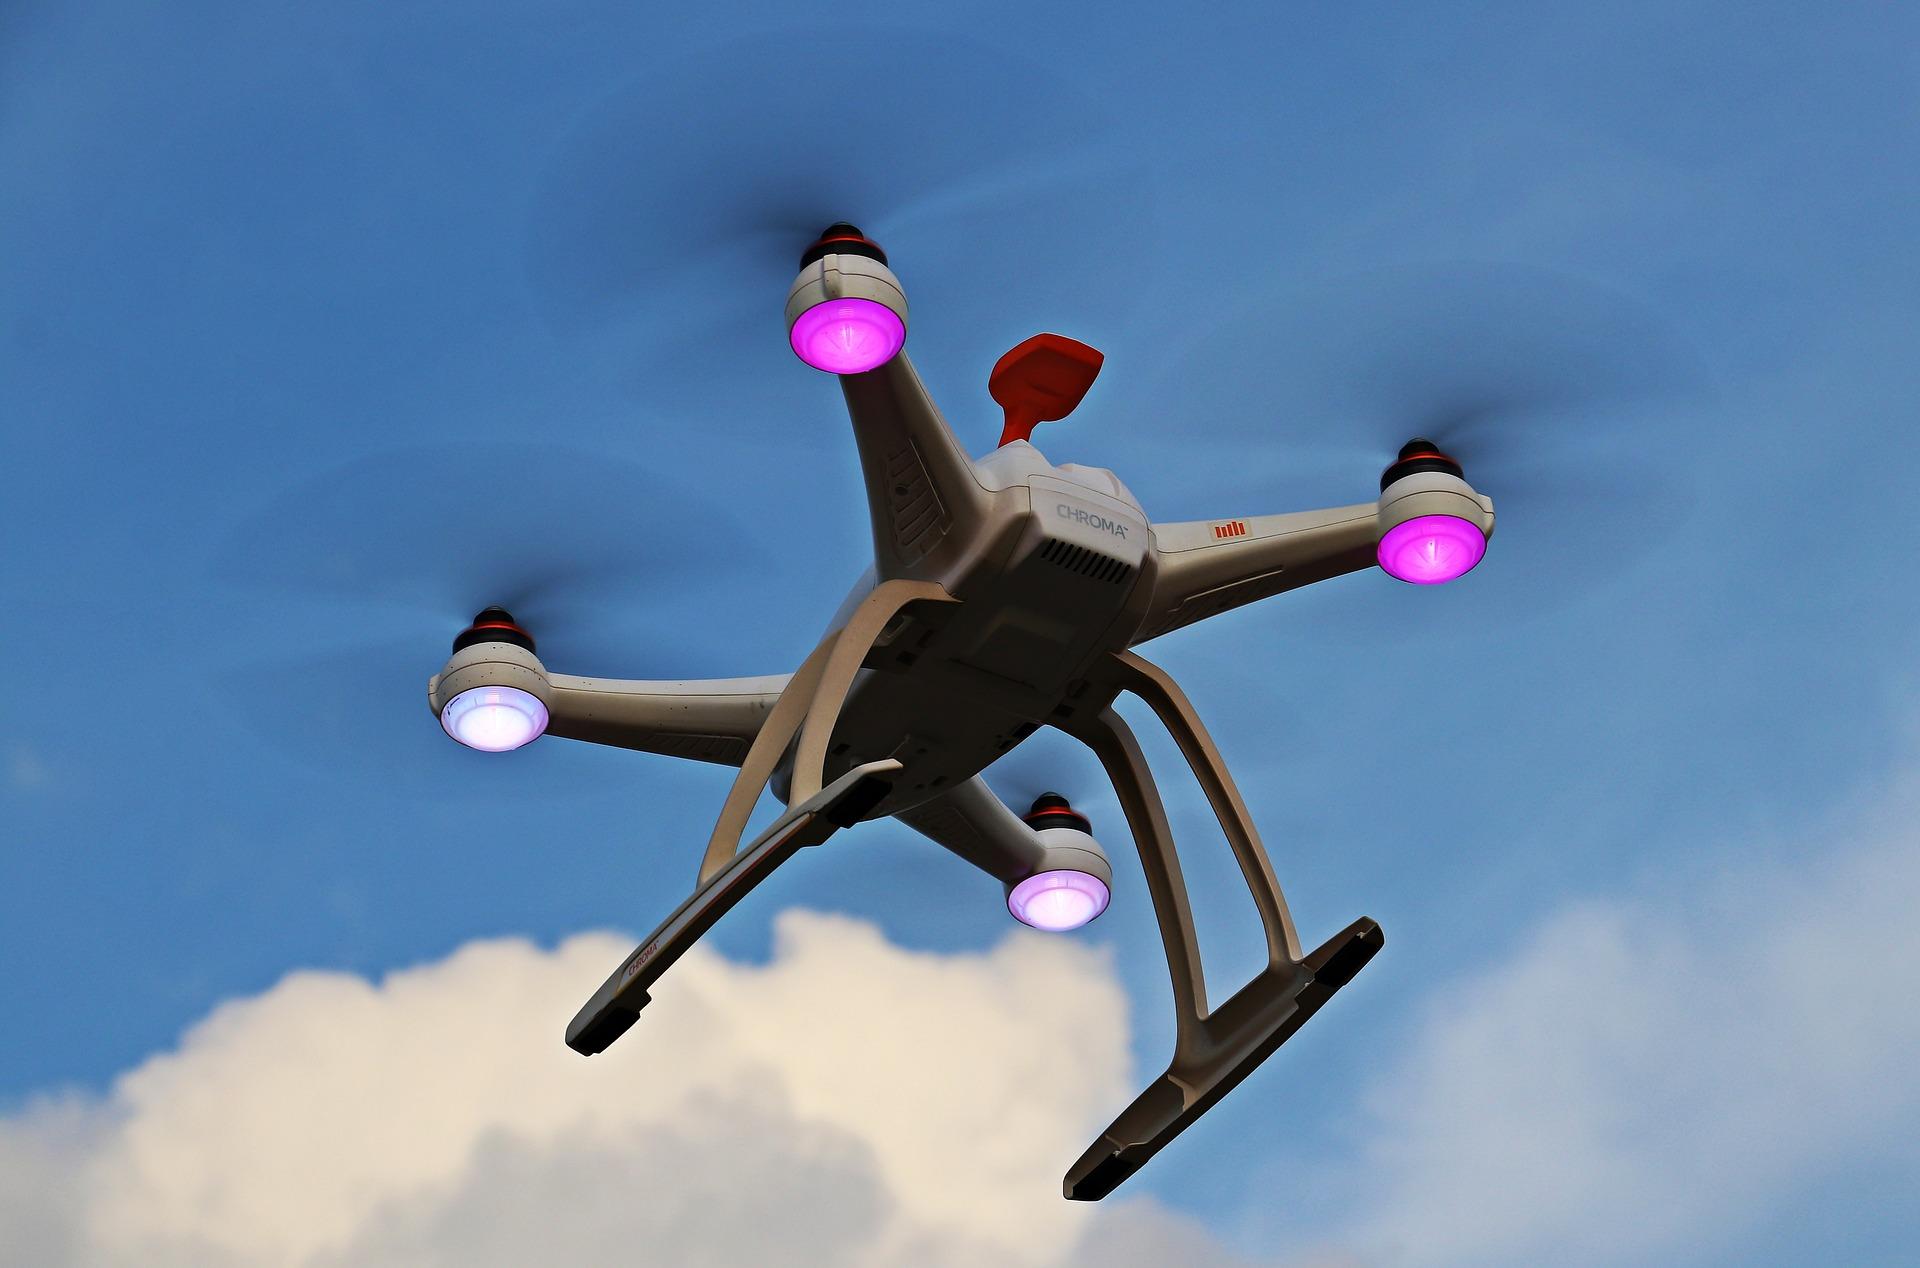 servicio de mensajería en drones